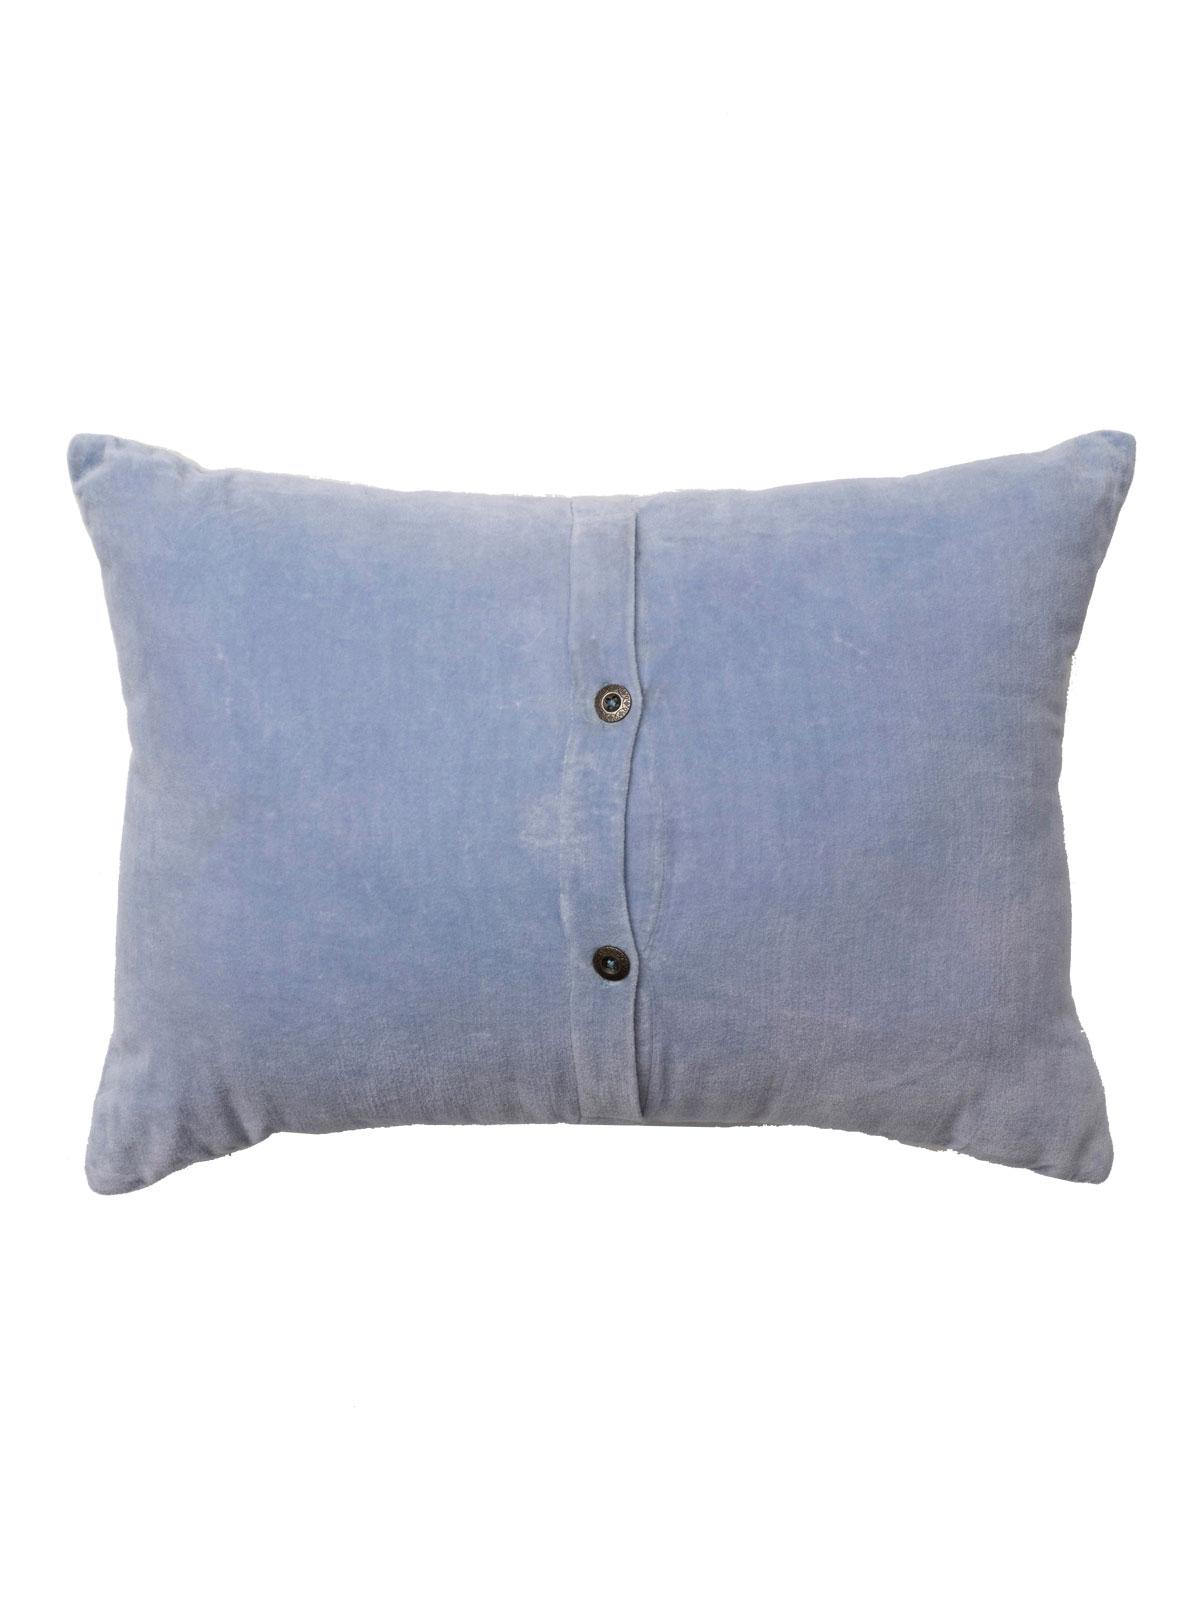 Dear Poinsettia Cushion Your Home Christmas Forever